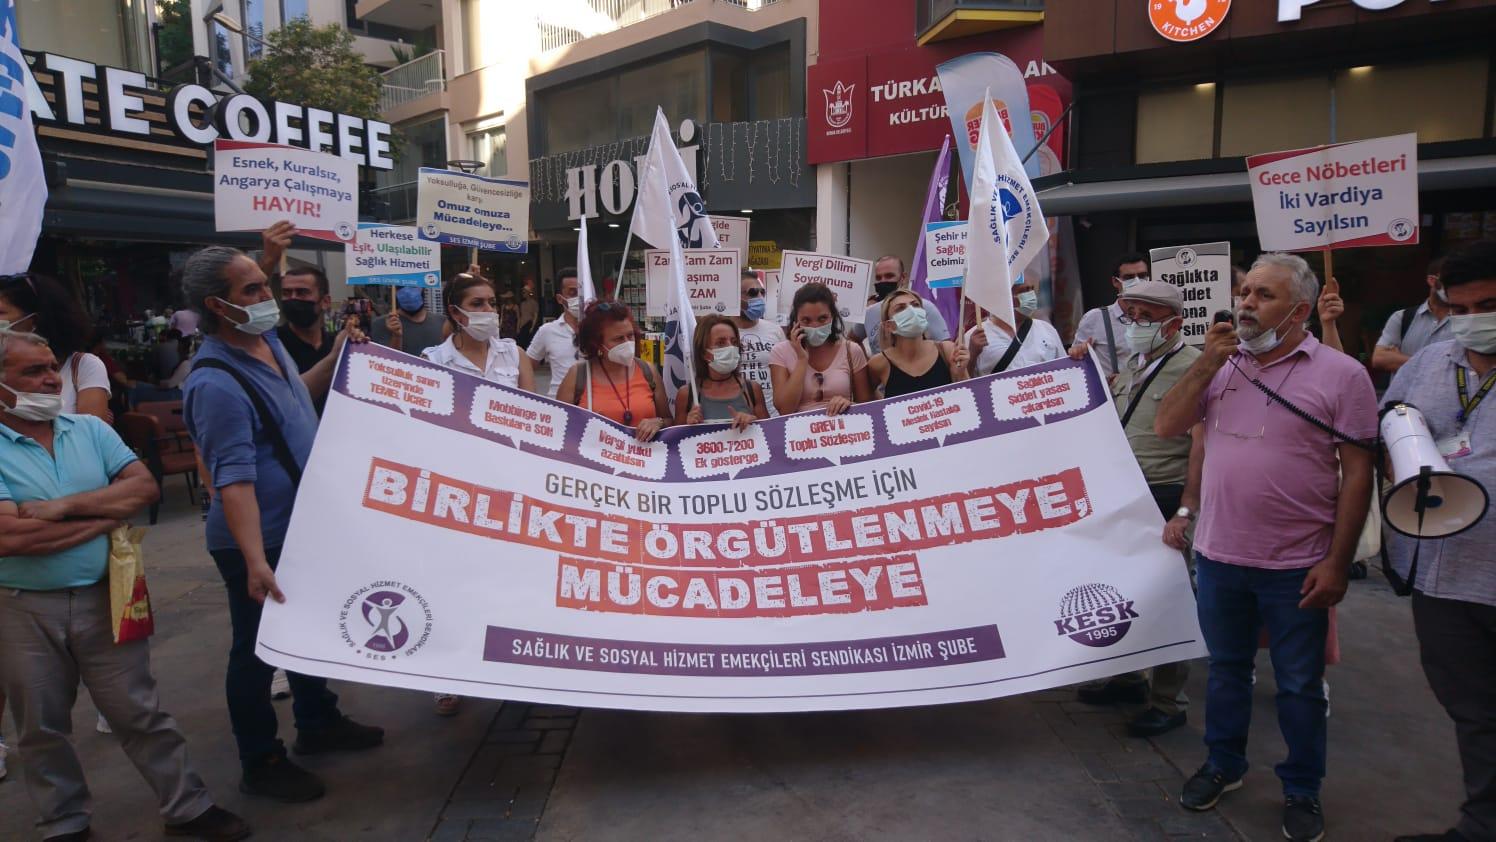 İzmir Şubemiz: Toplu İş Sözleşmesi Bir Oyun Değil, Emeğin Mücadelesi Ve Güvencesidir